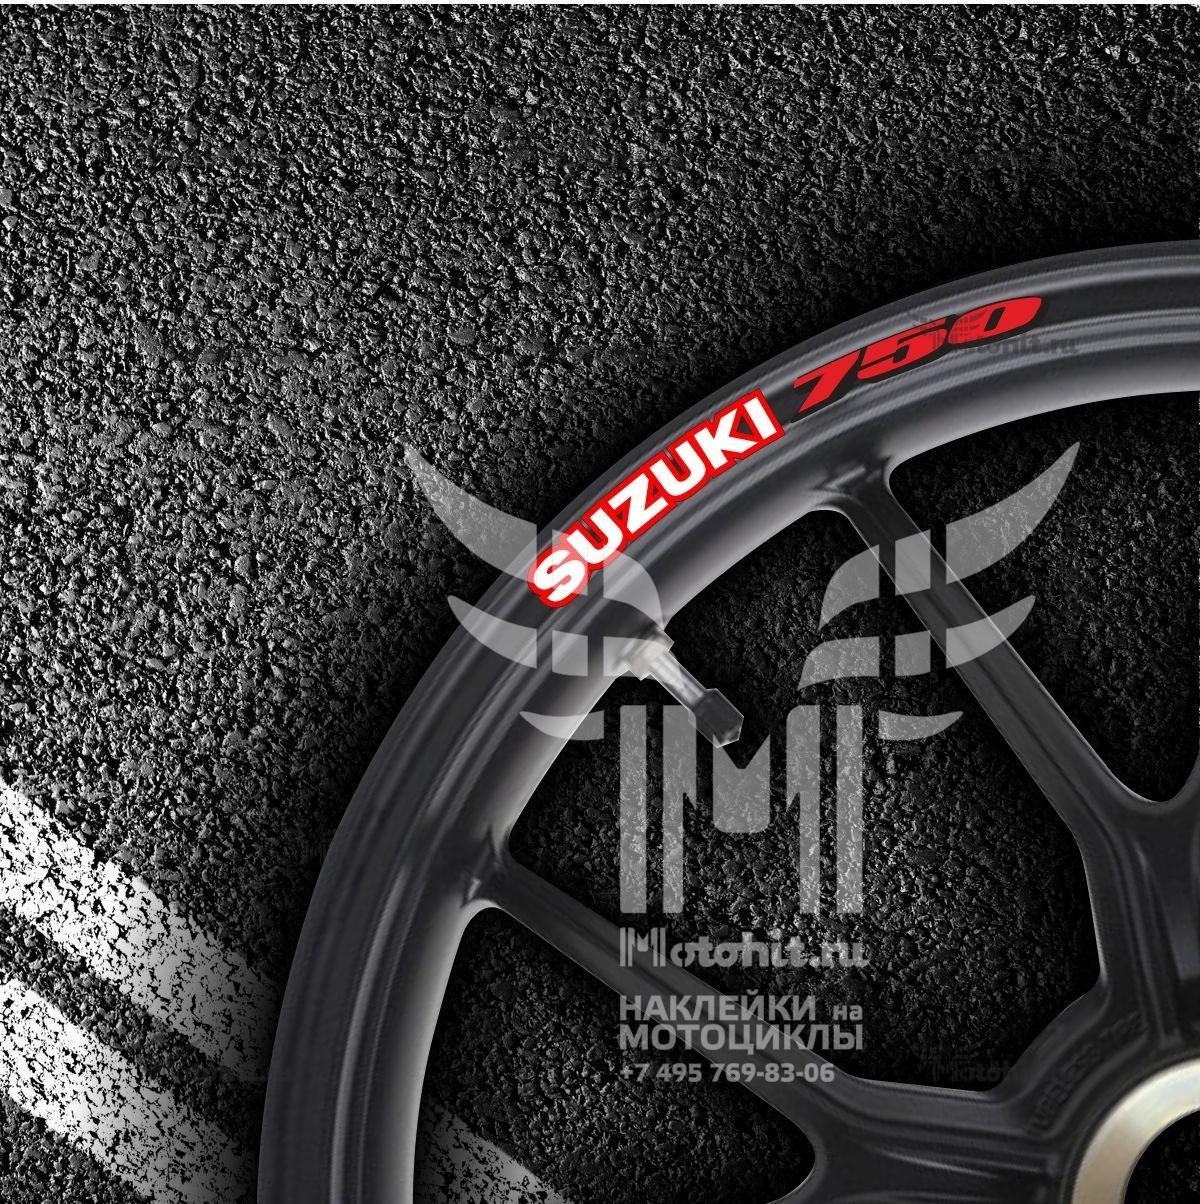 Комплект наклеек на обод колеса мотоцикла SUZUKI 750